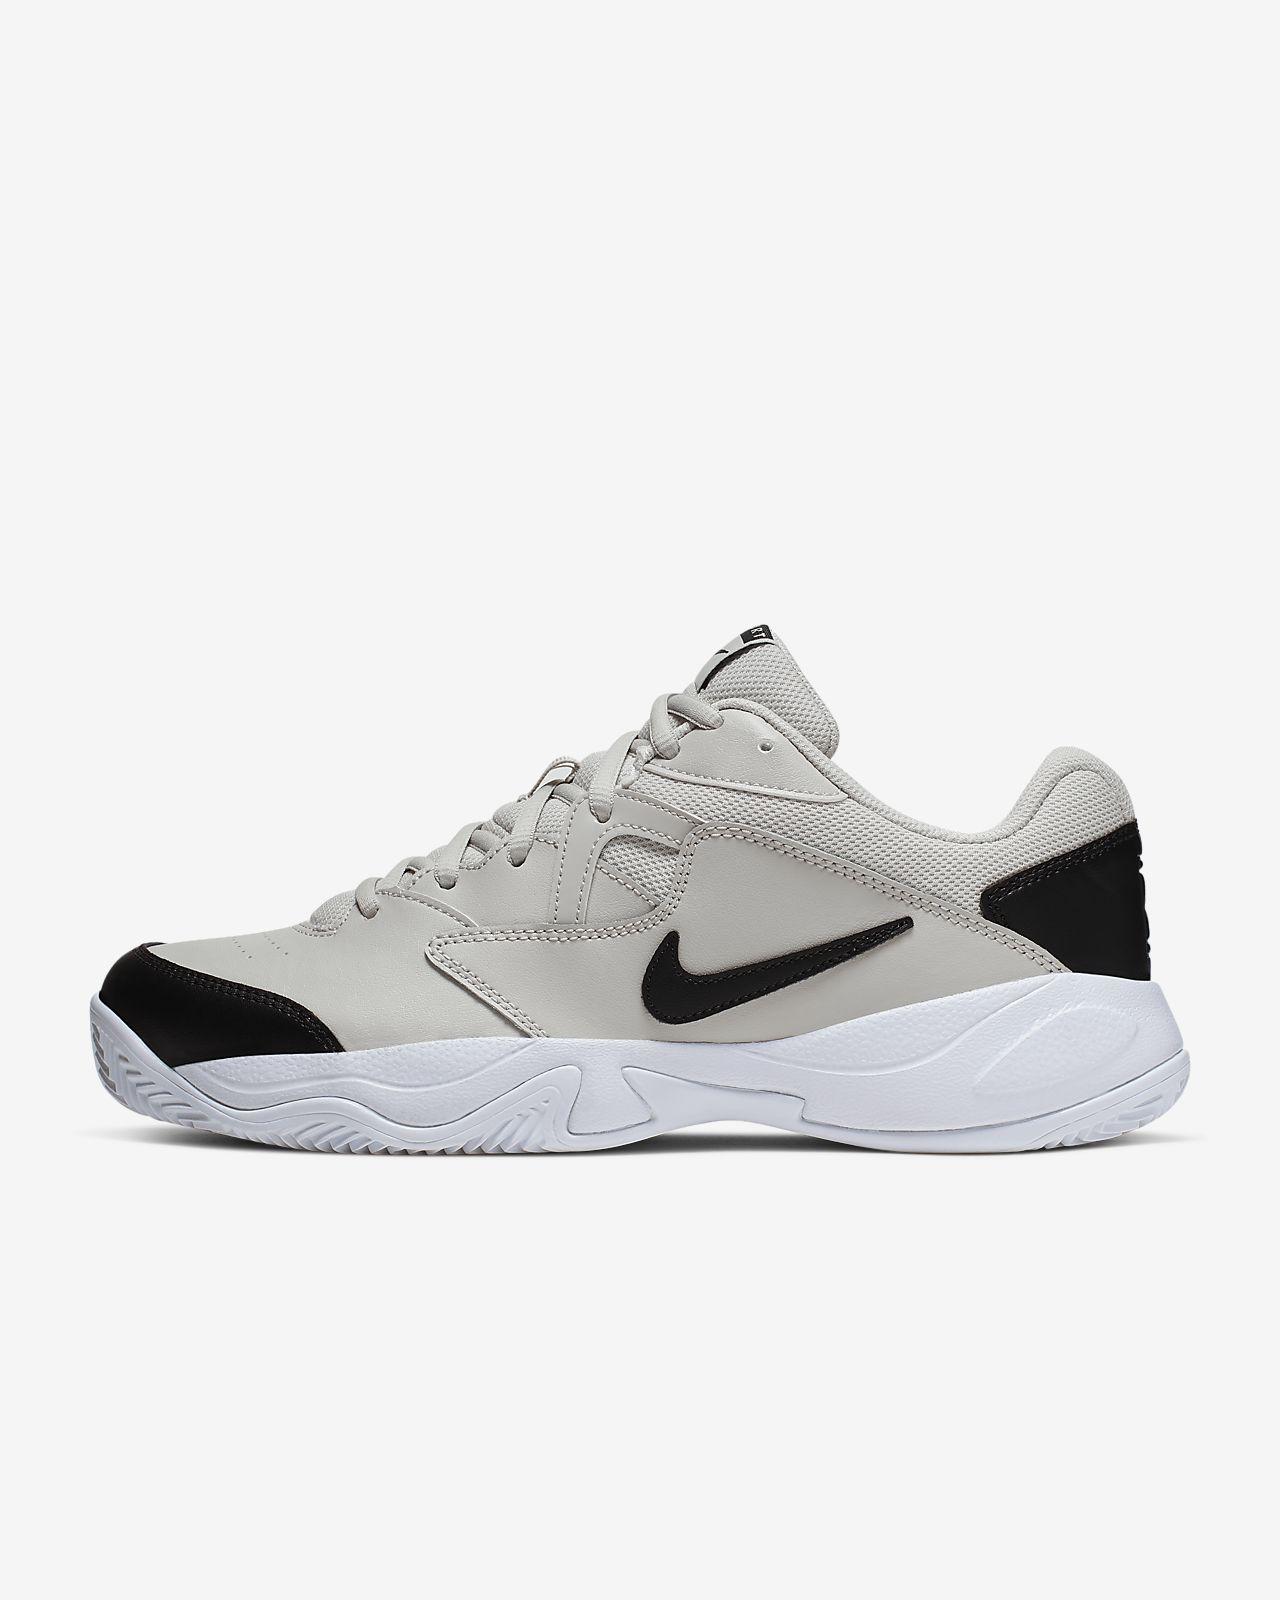 Pour Battue 2 Tennis Terre Chaussure De Homme Nikecourt Lite zMSqUGVpL